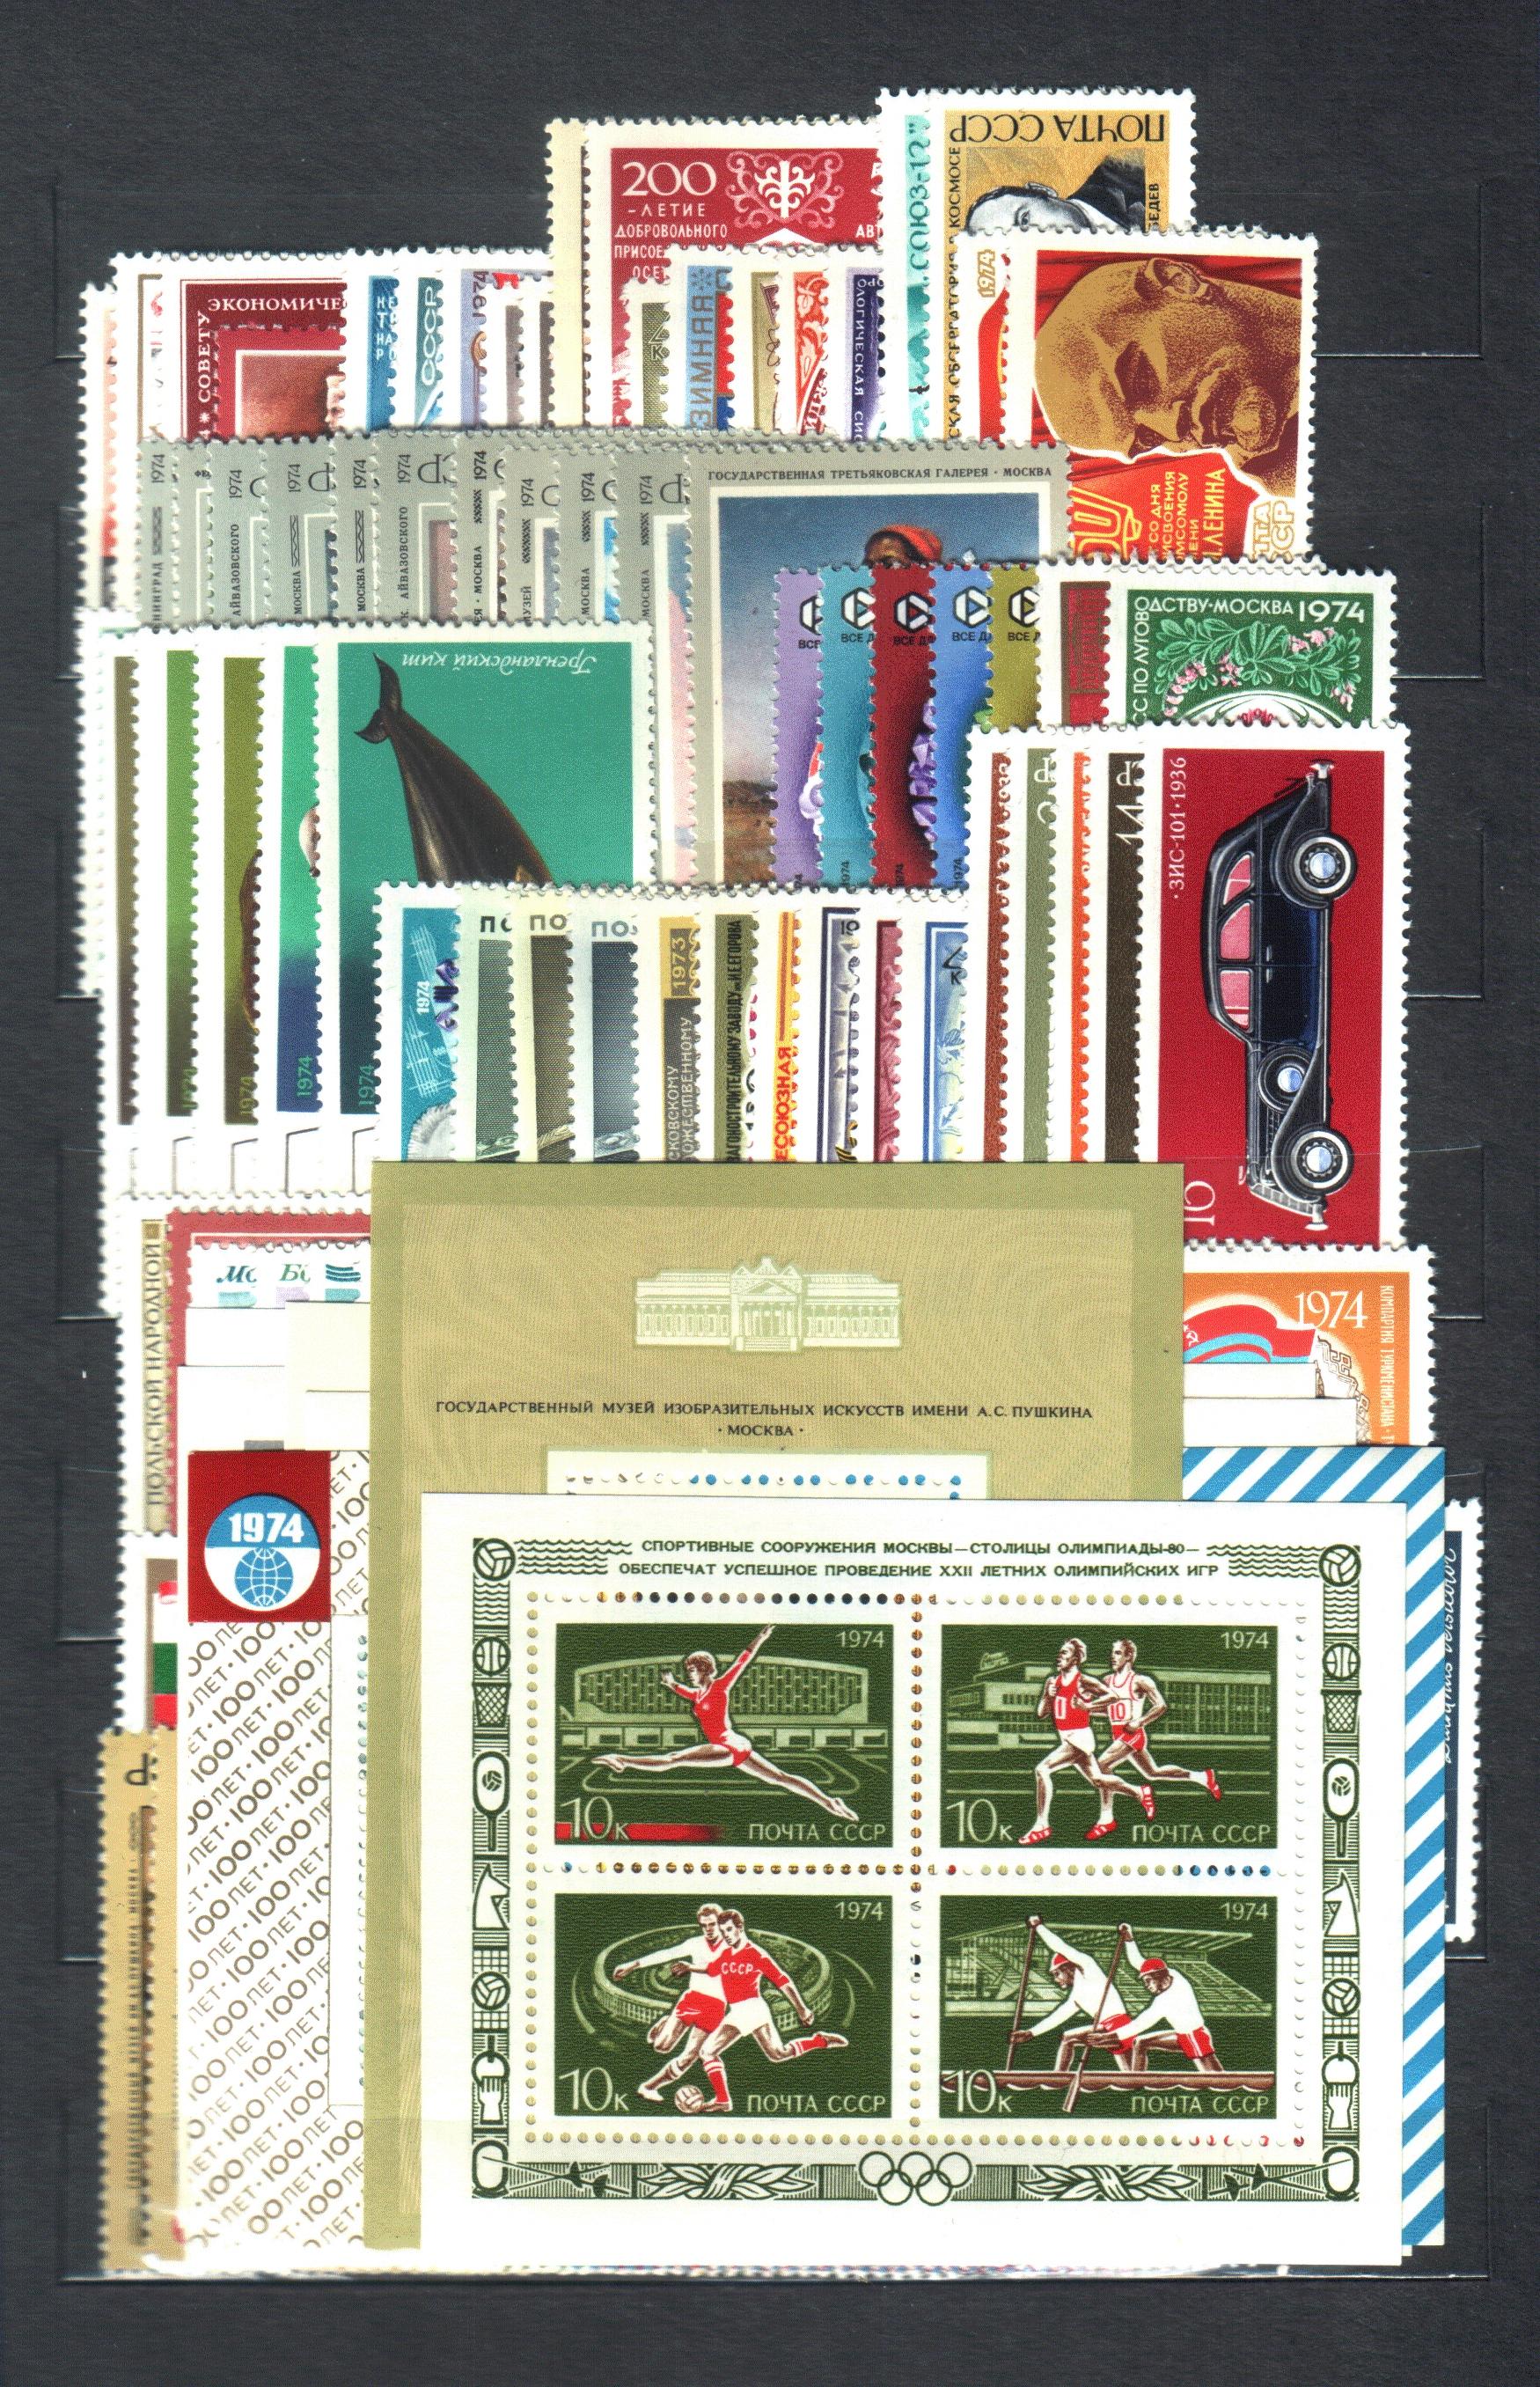 Годовой набор почтовых марок СССР 1974 год, 109 почтовых марок, 8 почтовых блоков